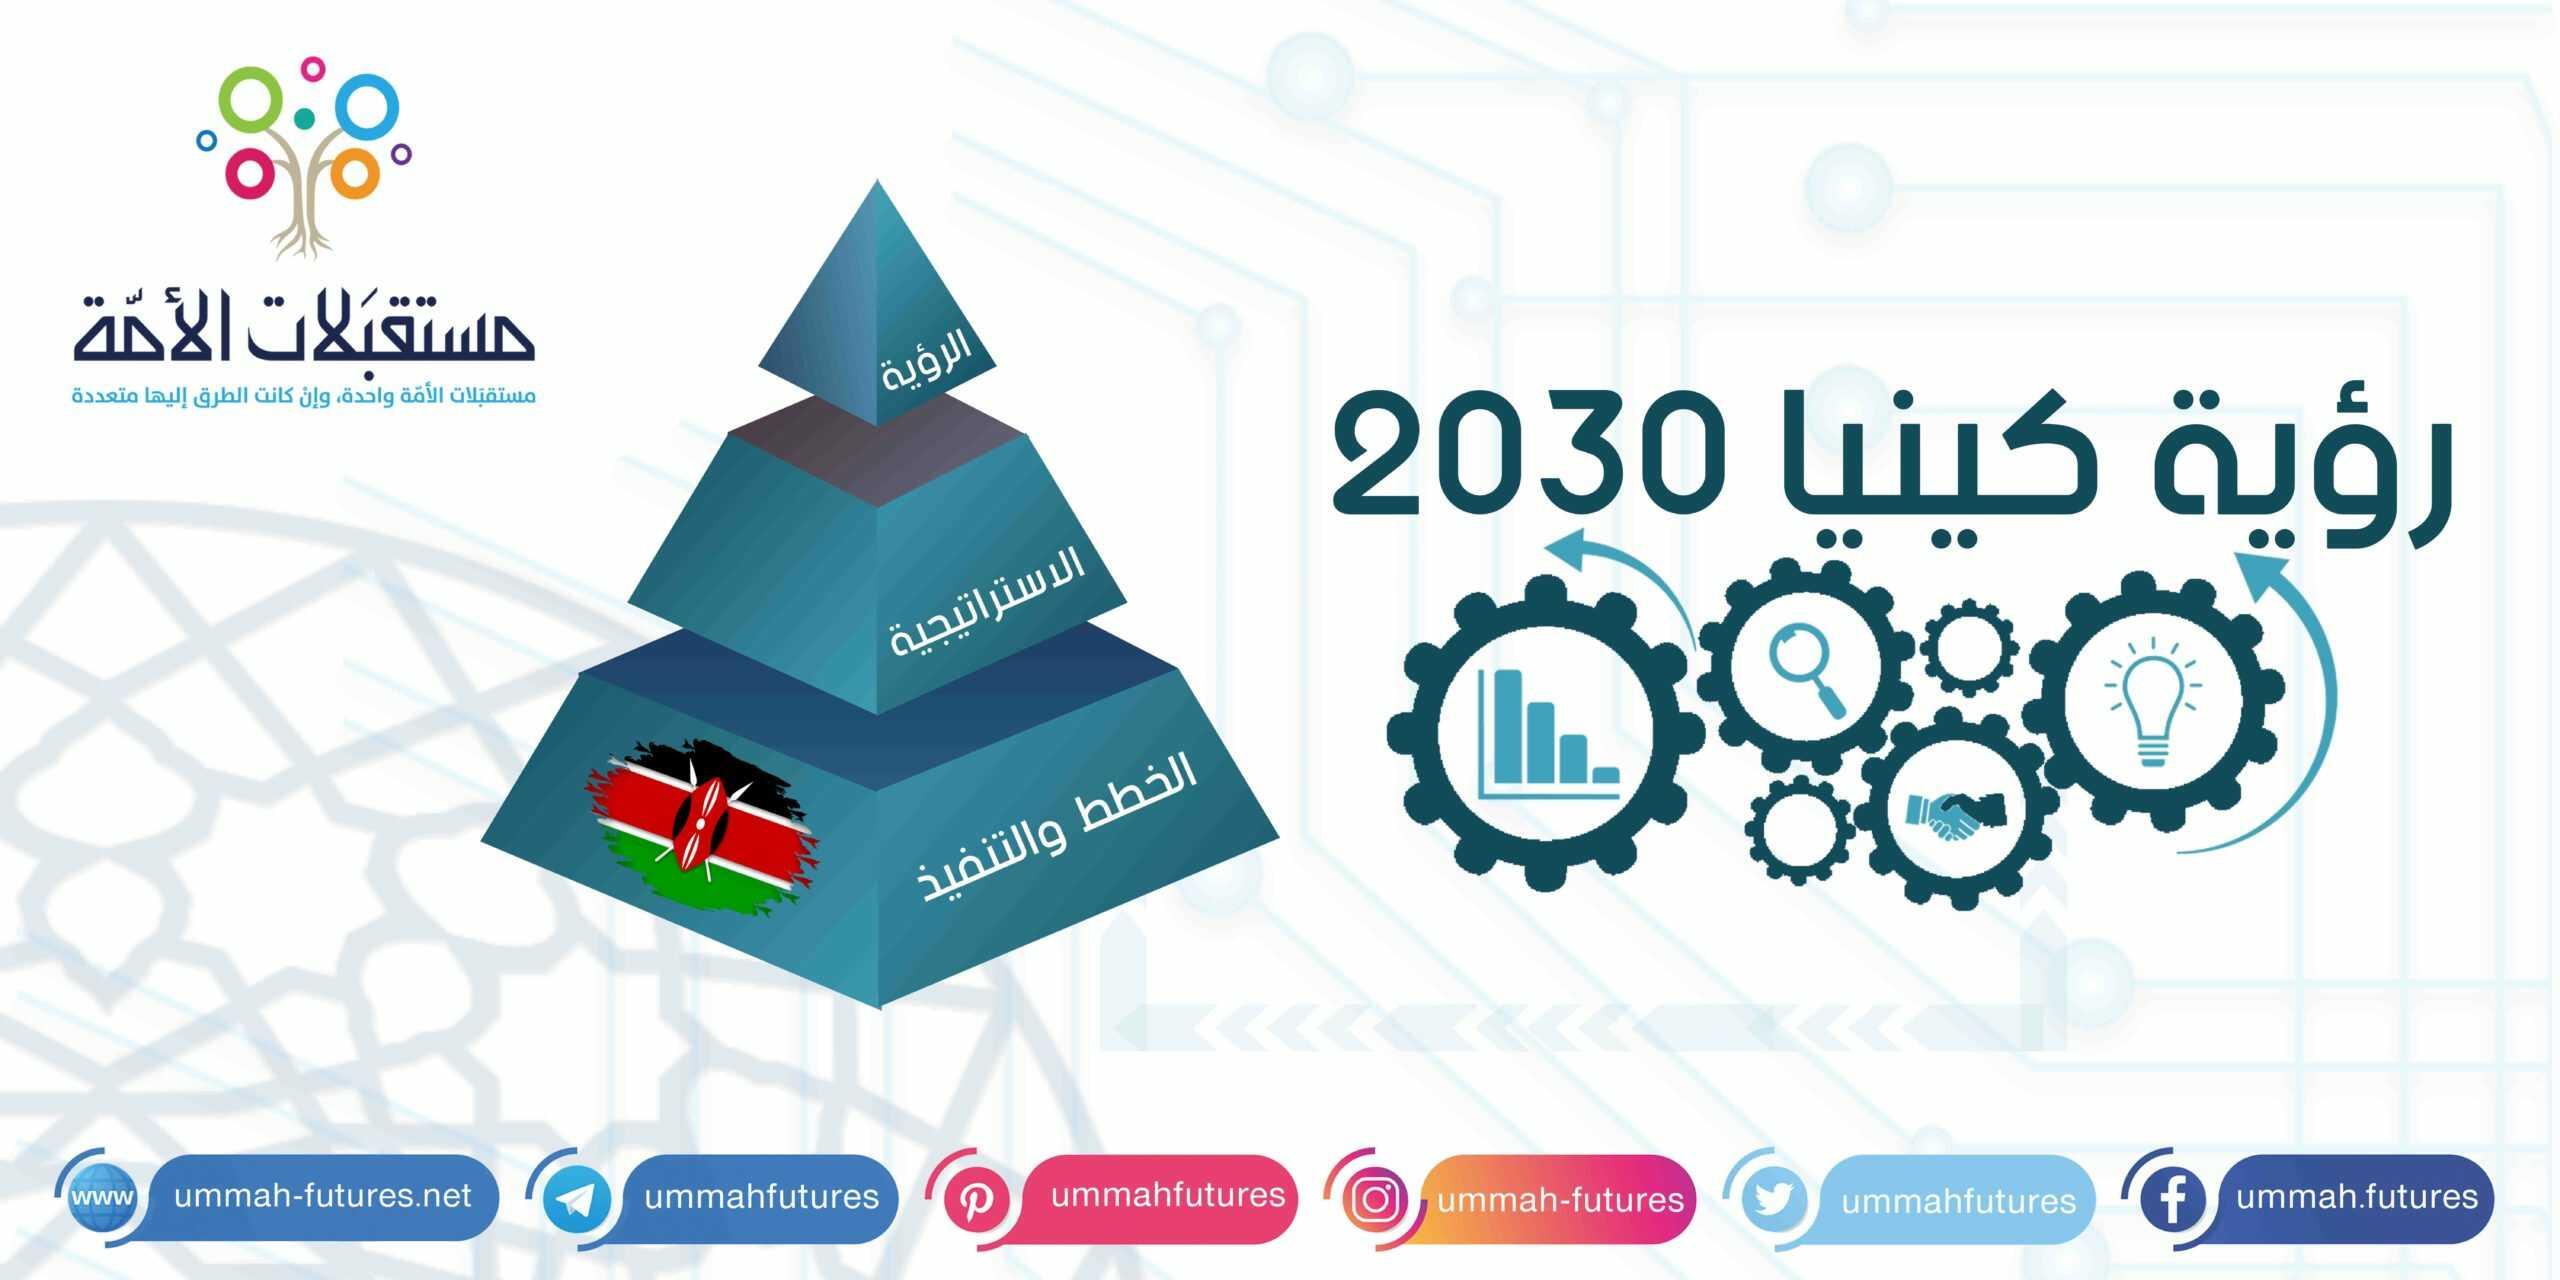 رؤية كينيا 2030